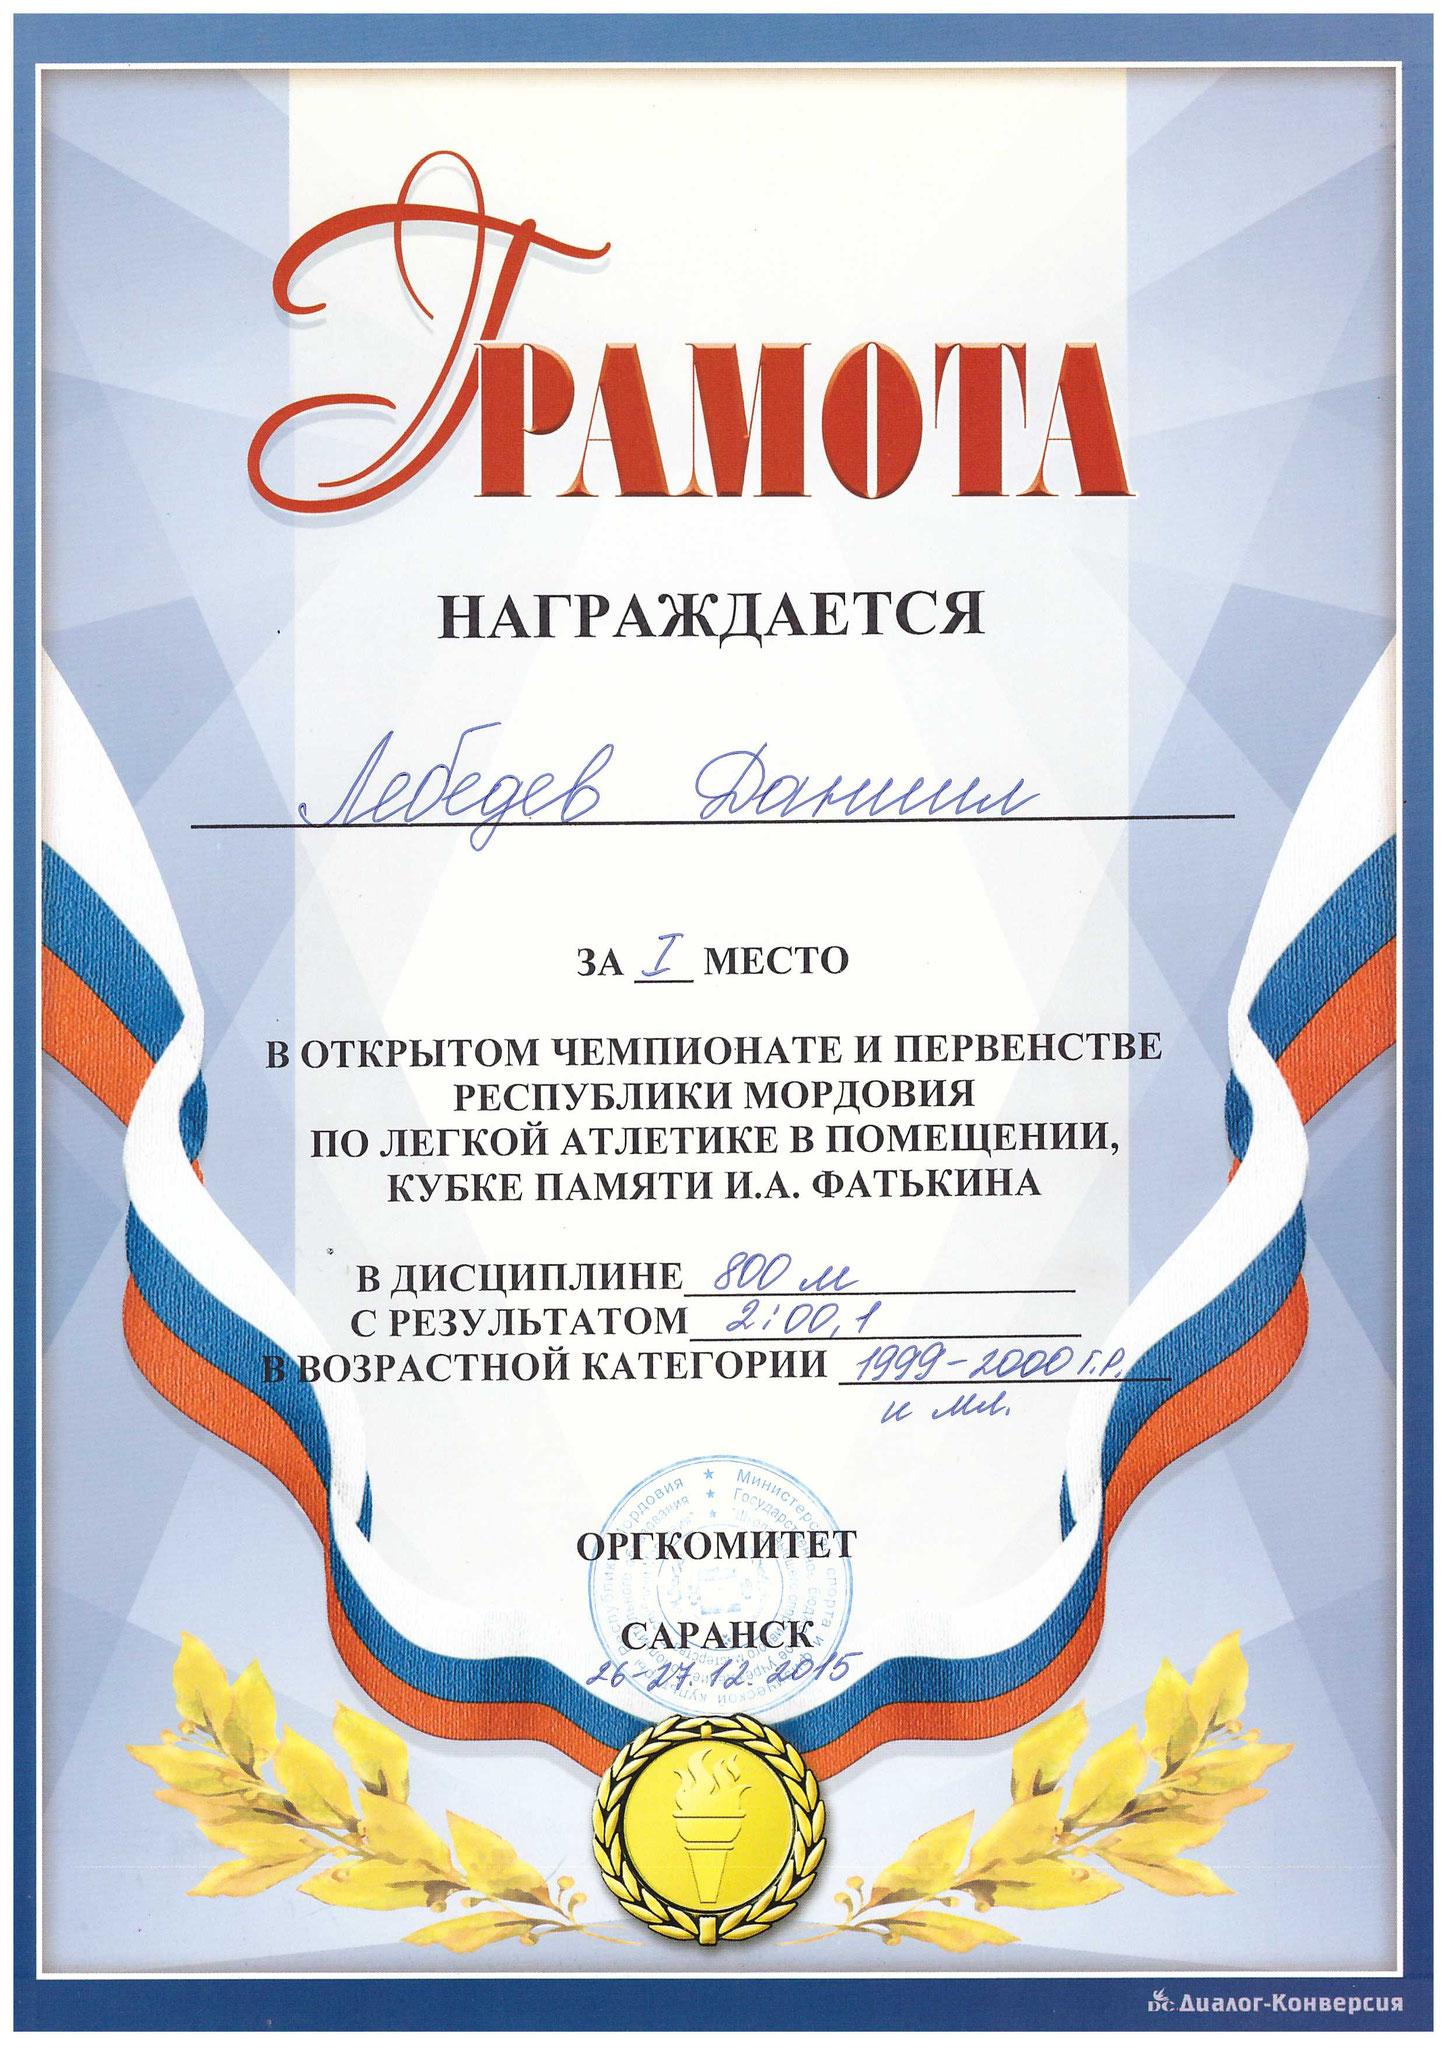 Поздравления тренеру по легкой атлетике